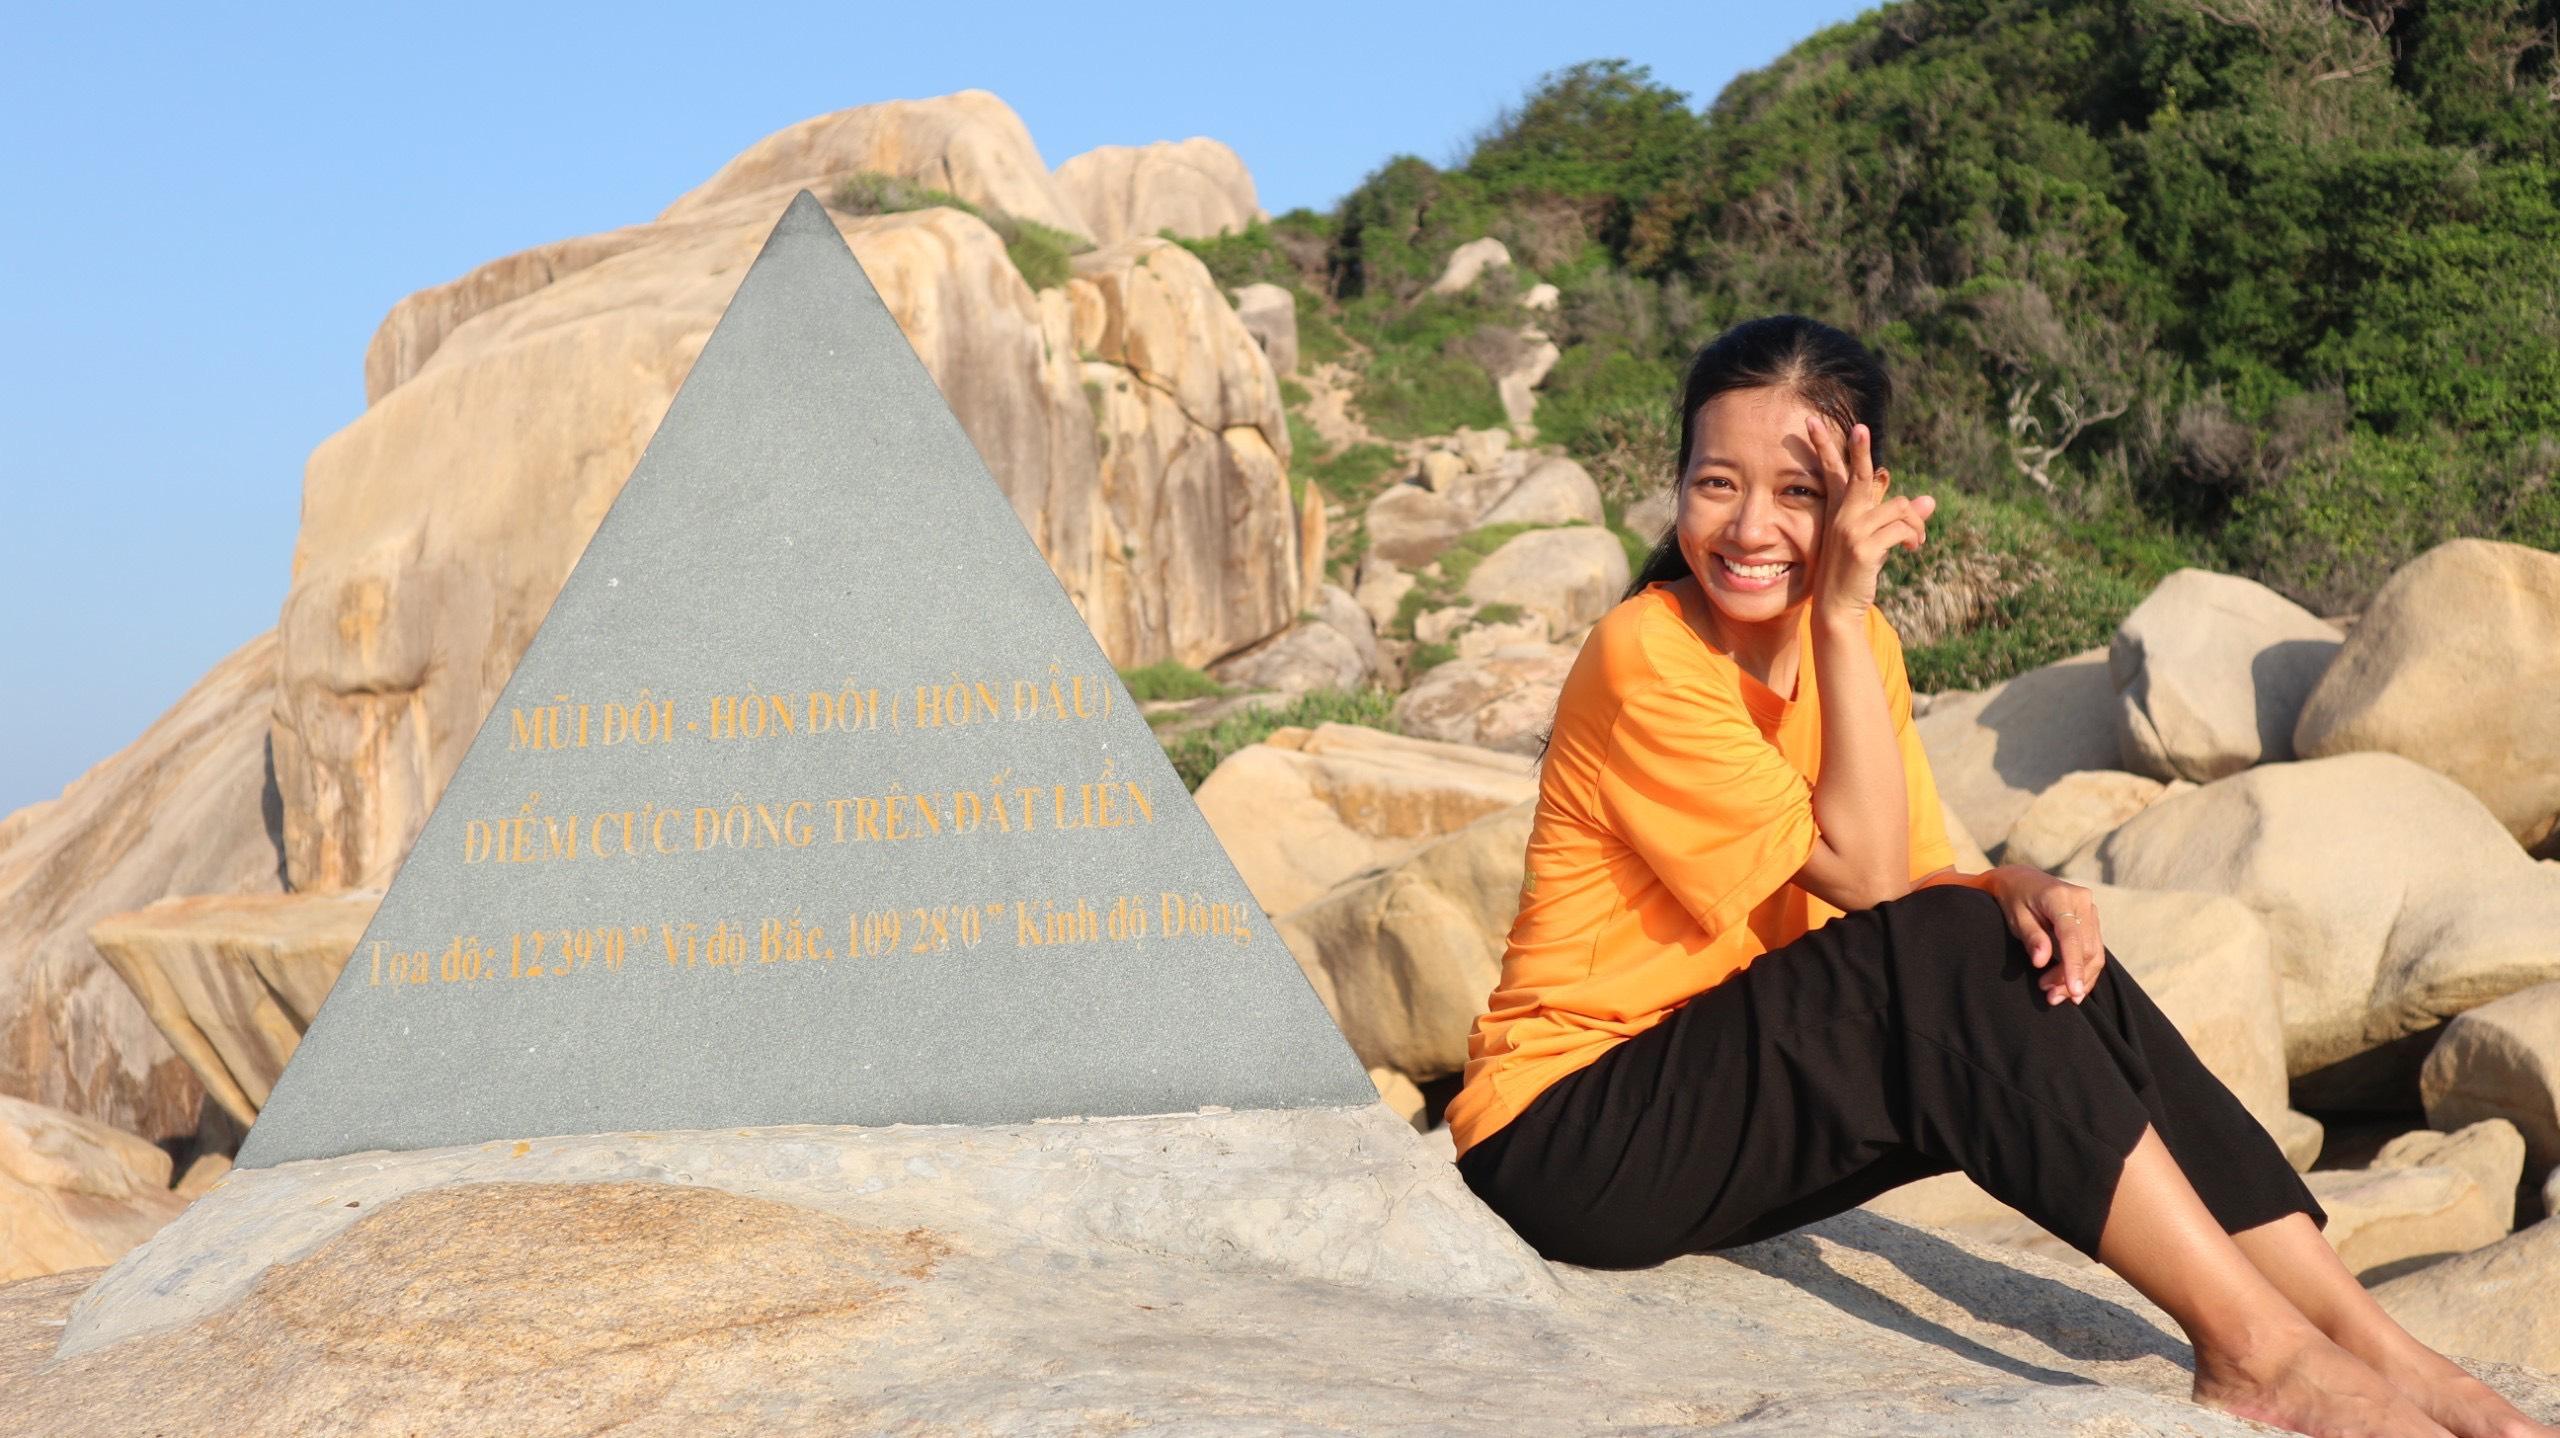 cô gái xuyên Việt độc hành 102 ngày